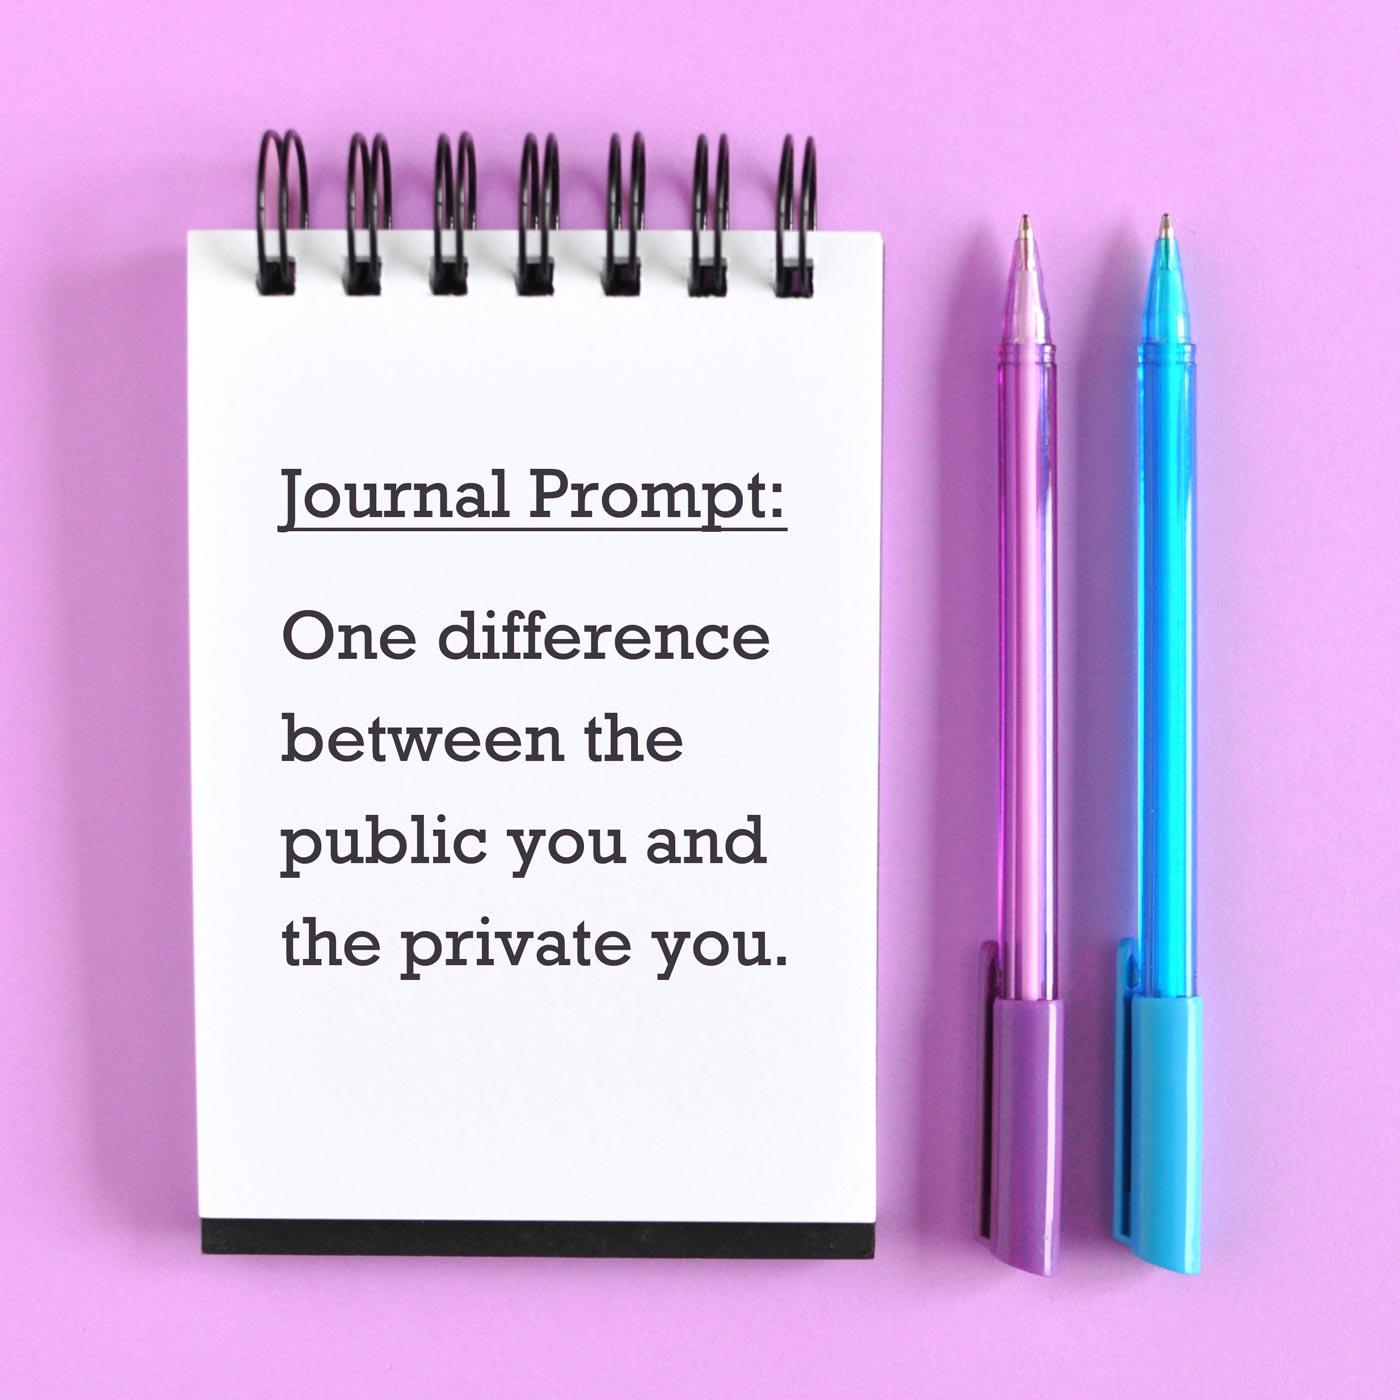 25-01-2018---Journal-prompt-by-Christie-Zimmer.jpg